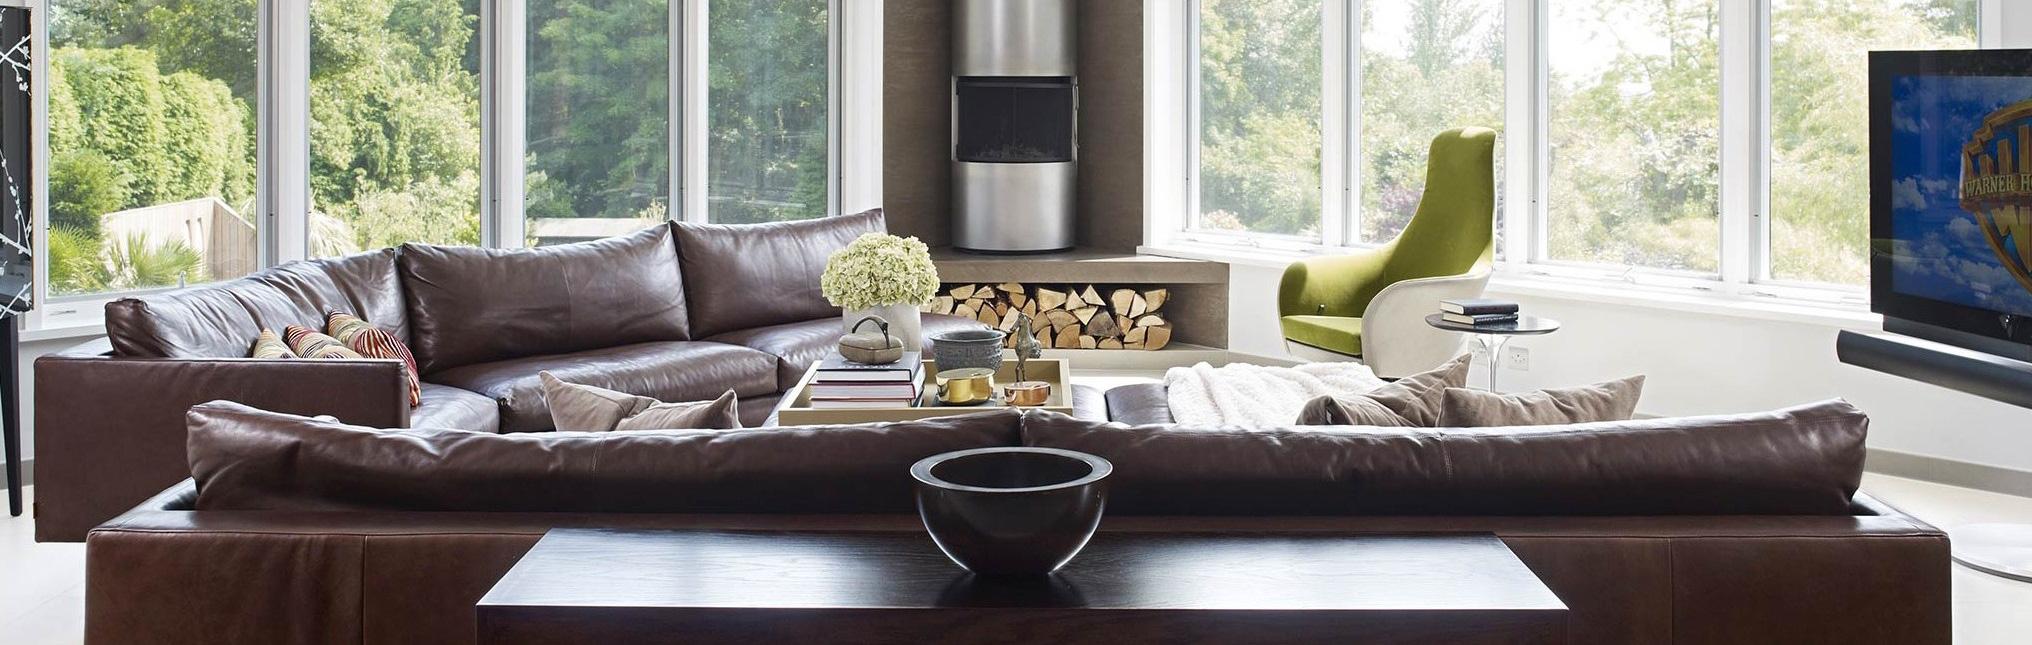 primrose hill interior designers